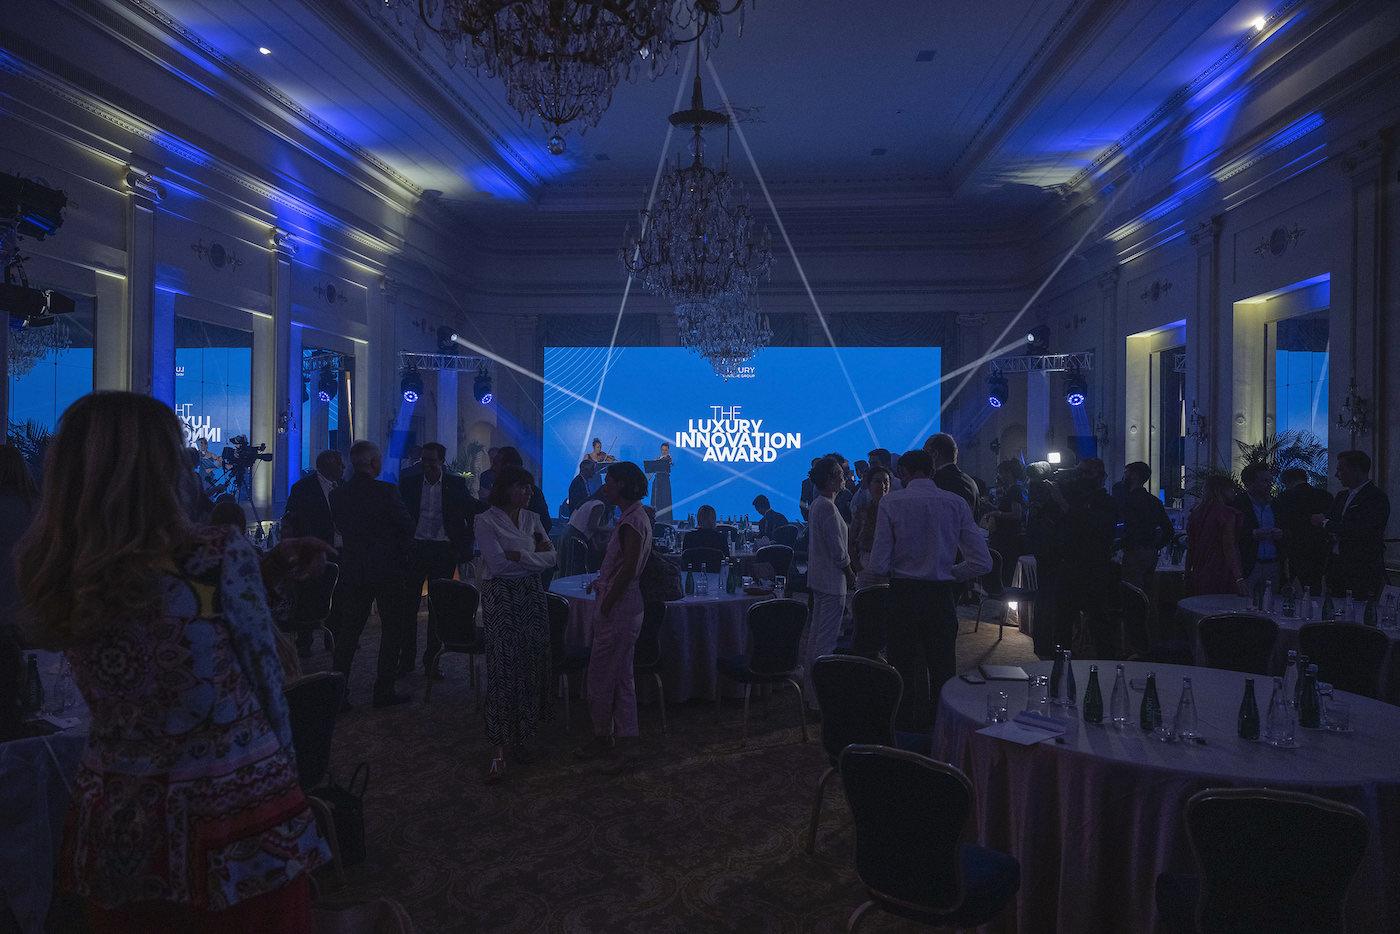 La cérémonie 2020 s'est tenue à l'Hôtel des Bergues à Genève. L'édition de 2021 aura lieu en octobre au Bâtiment des Forces Motrices, toujours à Genève.